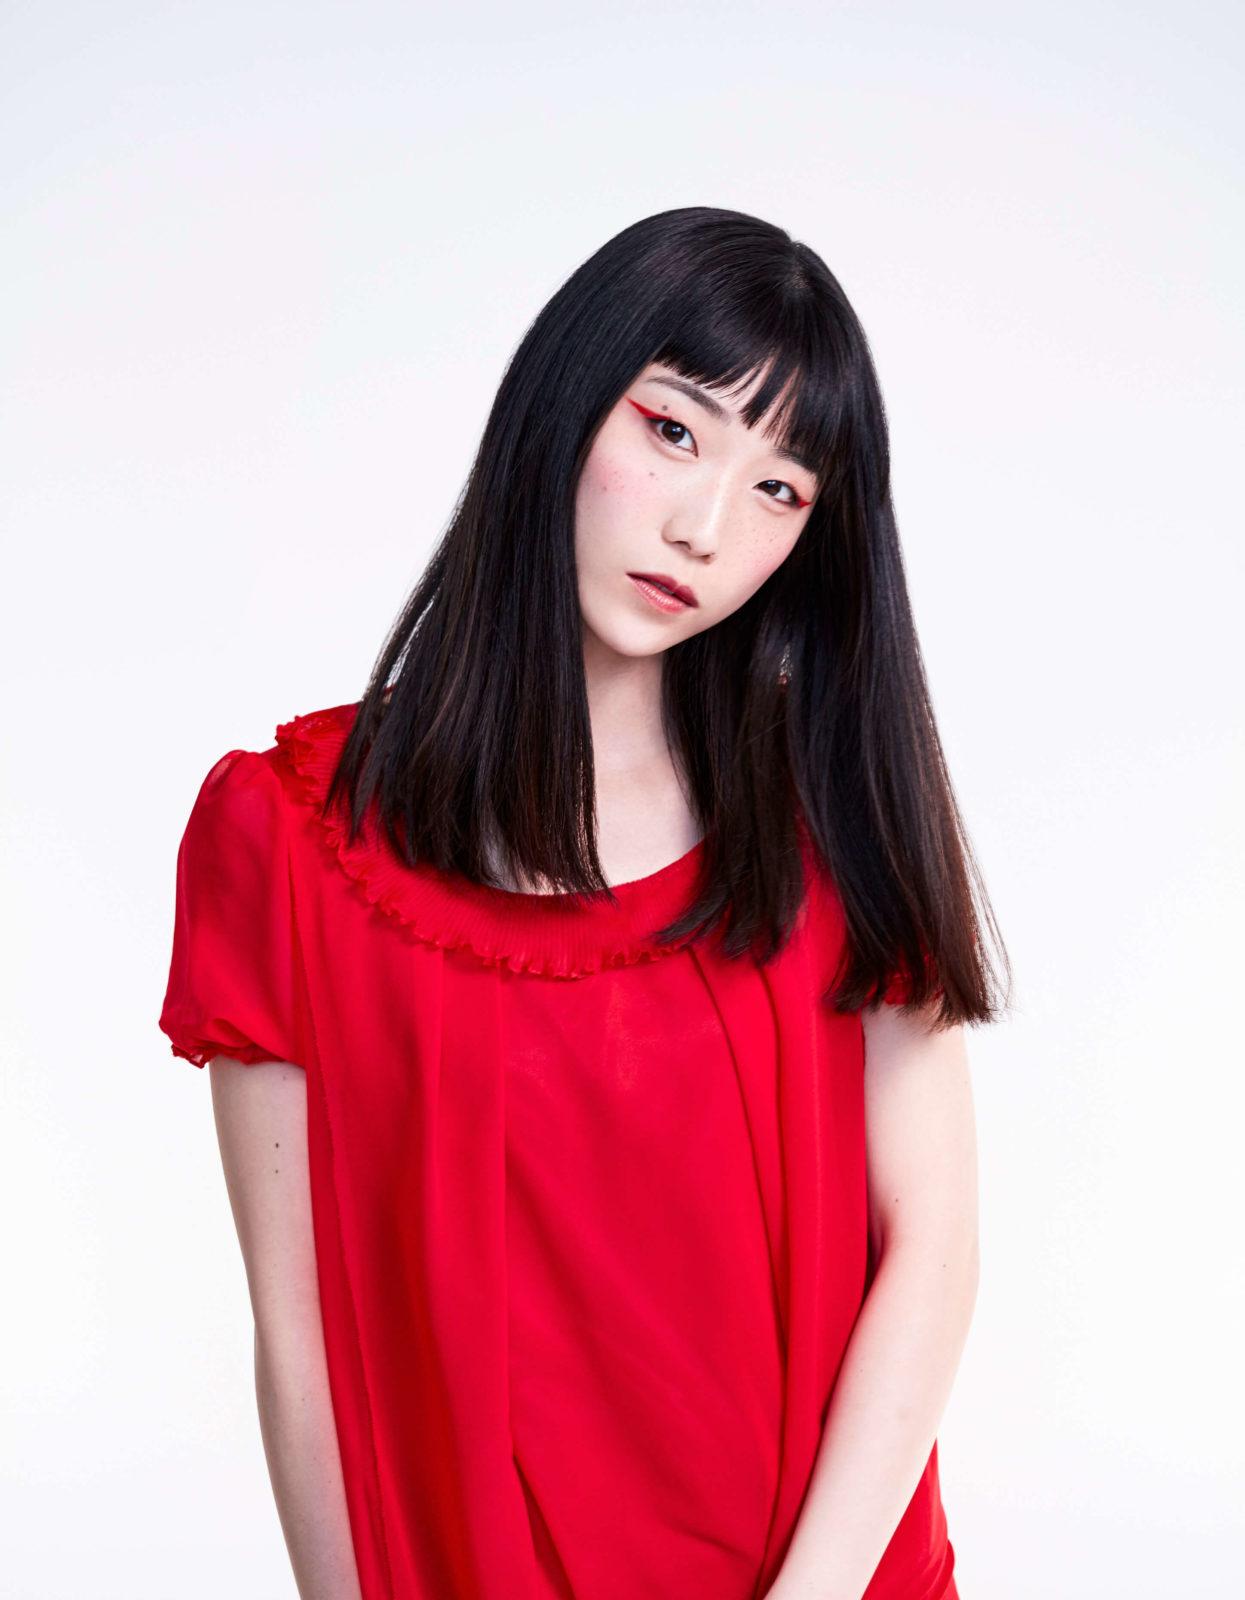 京都出身のシンガーソングライターm@e (マエ)、2ndシングル「つまんない、つまんない」を配信サムネイル画像